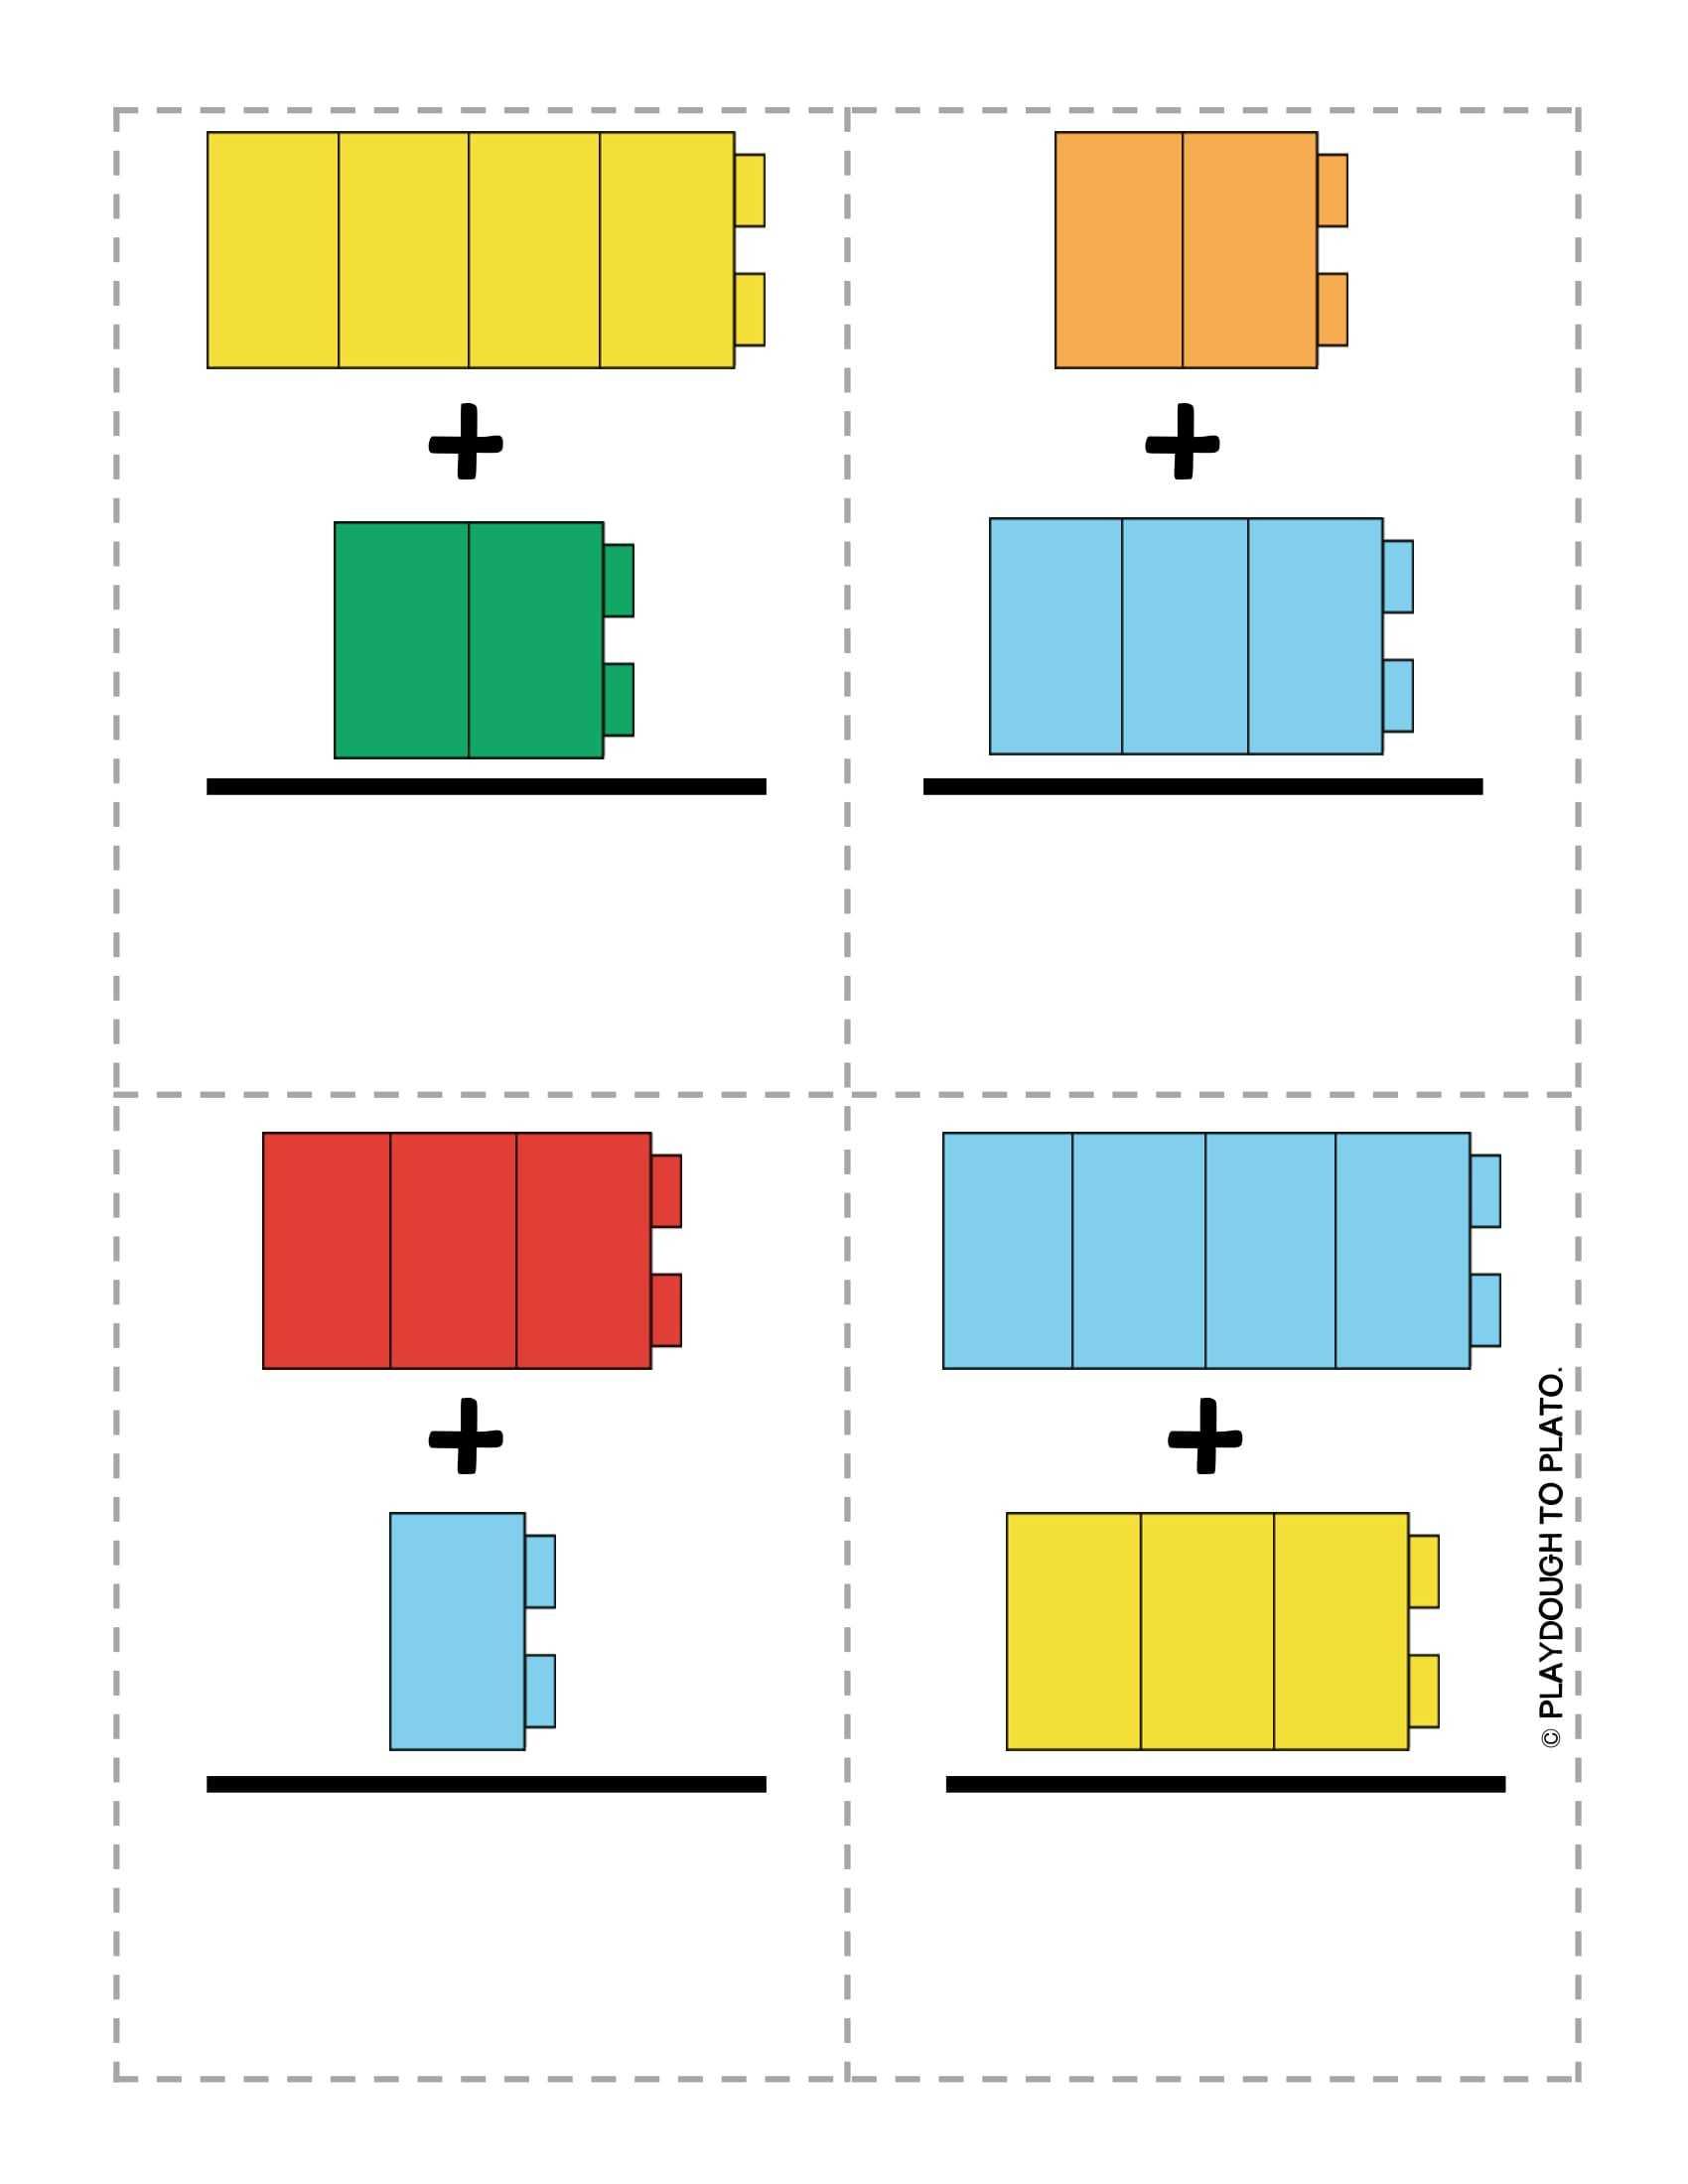 Okul Öncesi Legolarla Resimli Toplama İşlemi